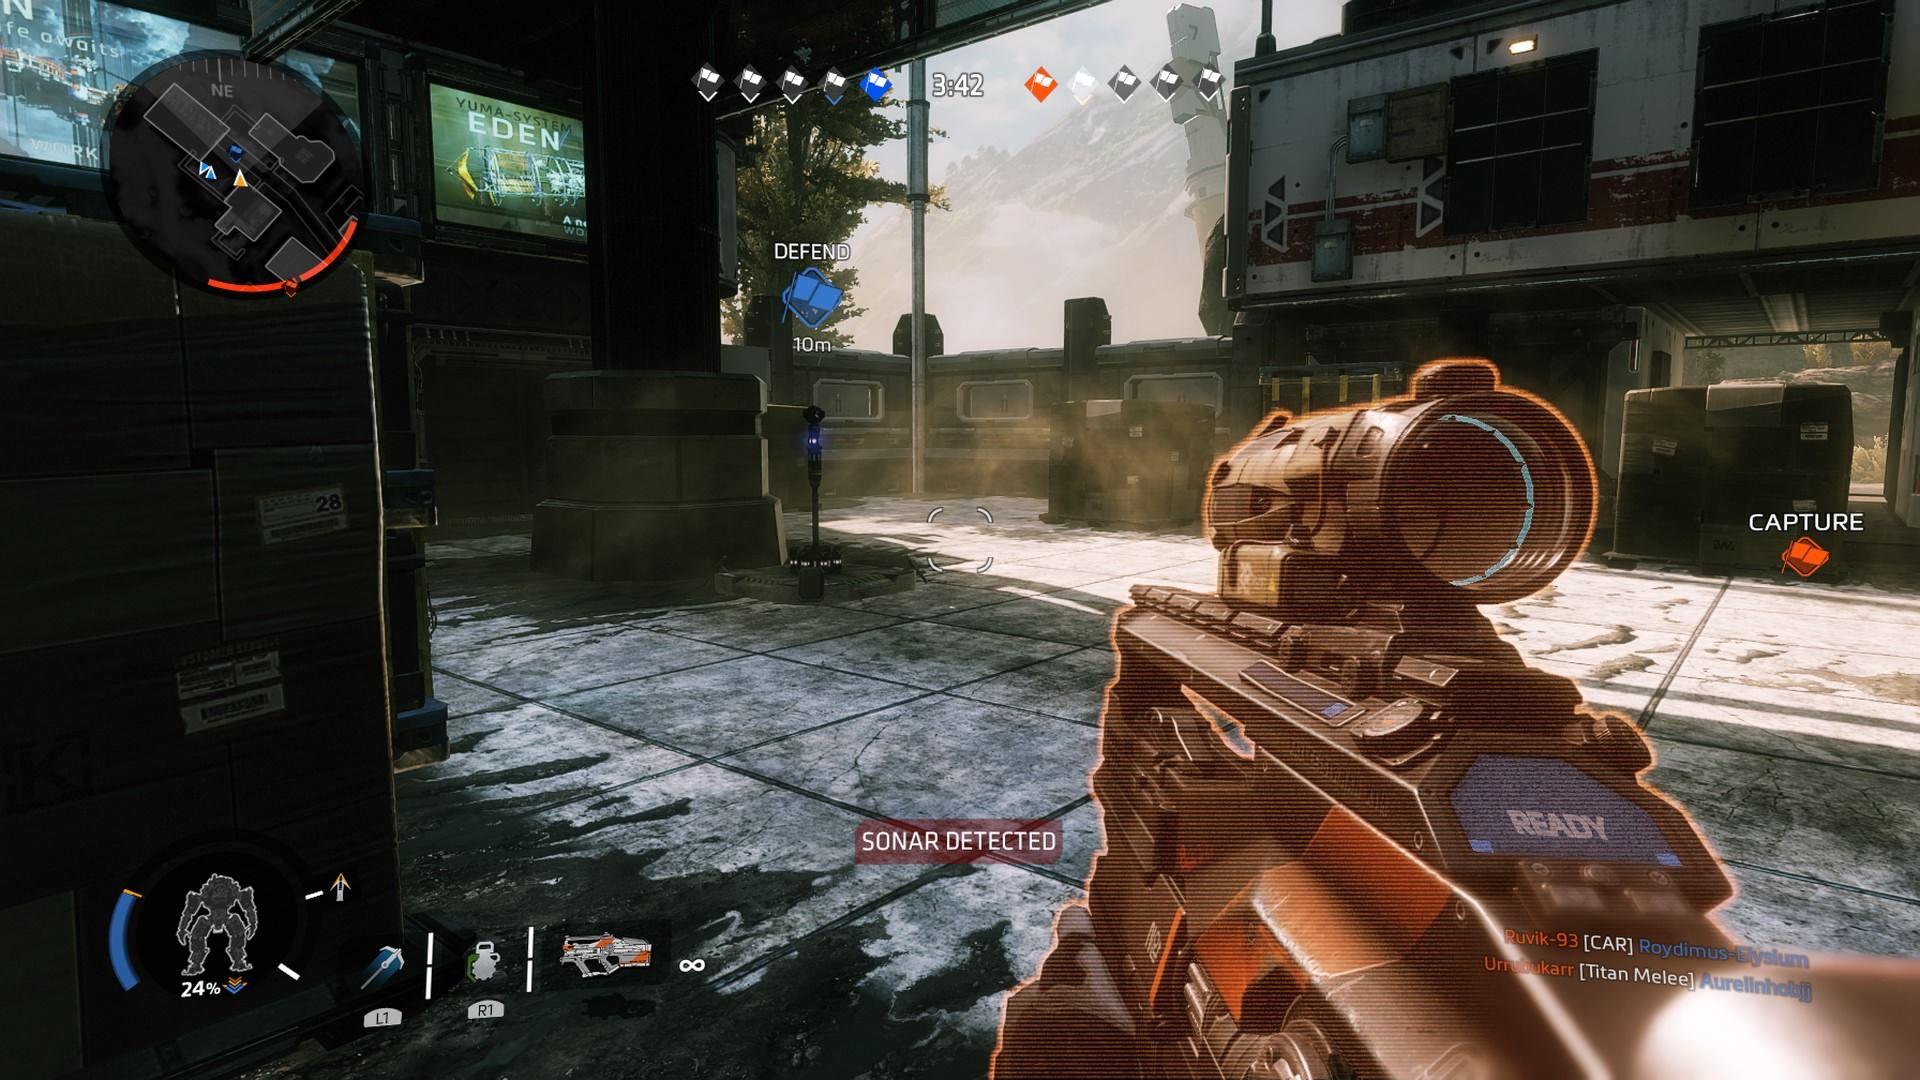 V hre viacerých hráčov sa nájde aj tradičný mód Capture the Flag